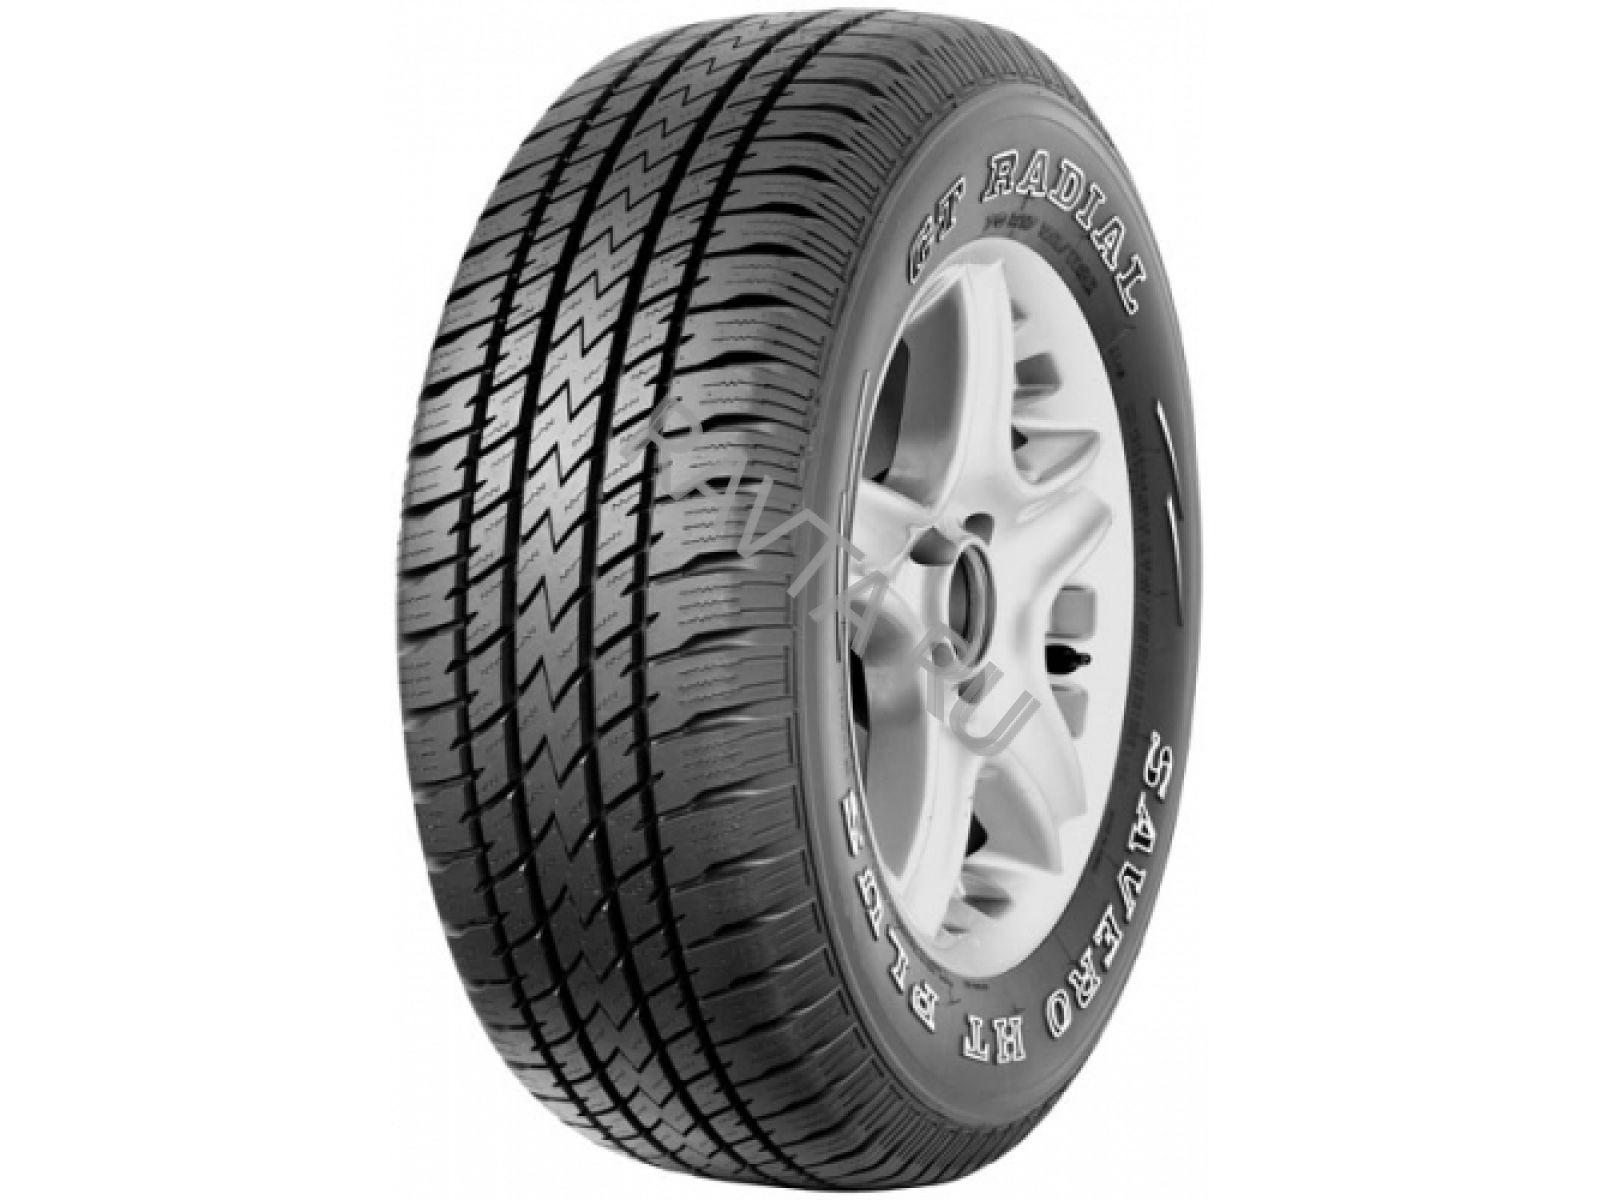 Шина Gt radial savero ht plus 265/75 r16 119/116rЛегковые шины<br><br><br>Сезонность шины: летняя<br>Индекс максимальной скорости: R (170 км/ч)<br>Бренд: GT Radial<br>Высота профиля шины: 75<br>Ширина профиля шины: 265<br>Диаметр: 16<br>Индекс нагрузки: 119<br>Тип автомобиля: внедорожник<br>Страна-изготовитель: Индонезия<br>Родина бренда: Индонезия